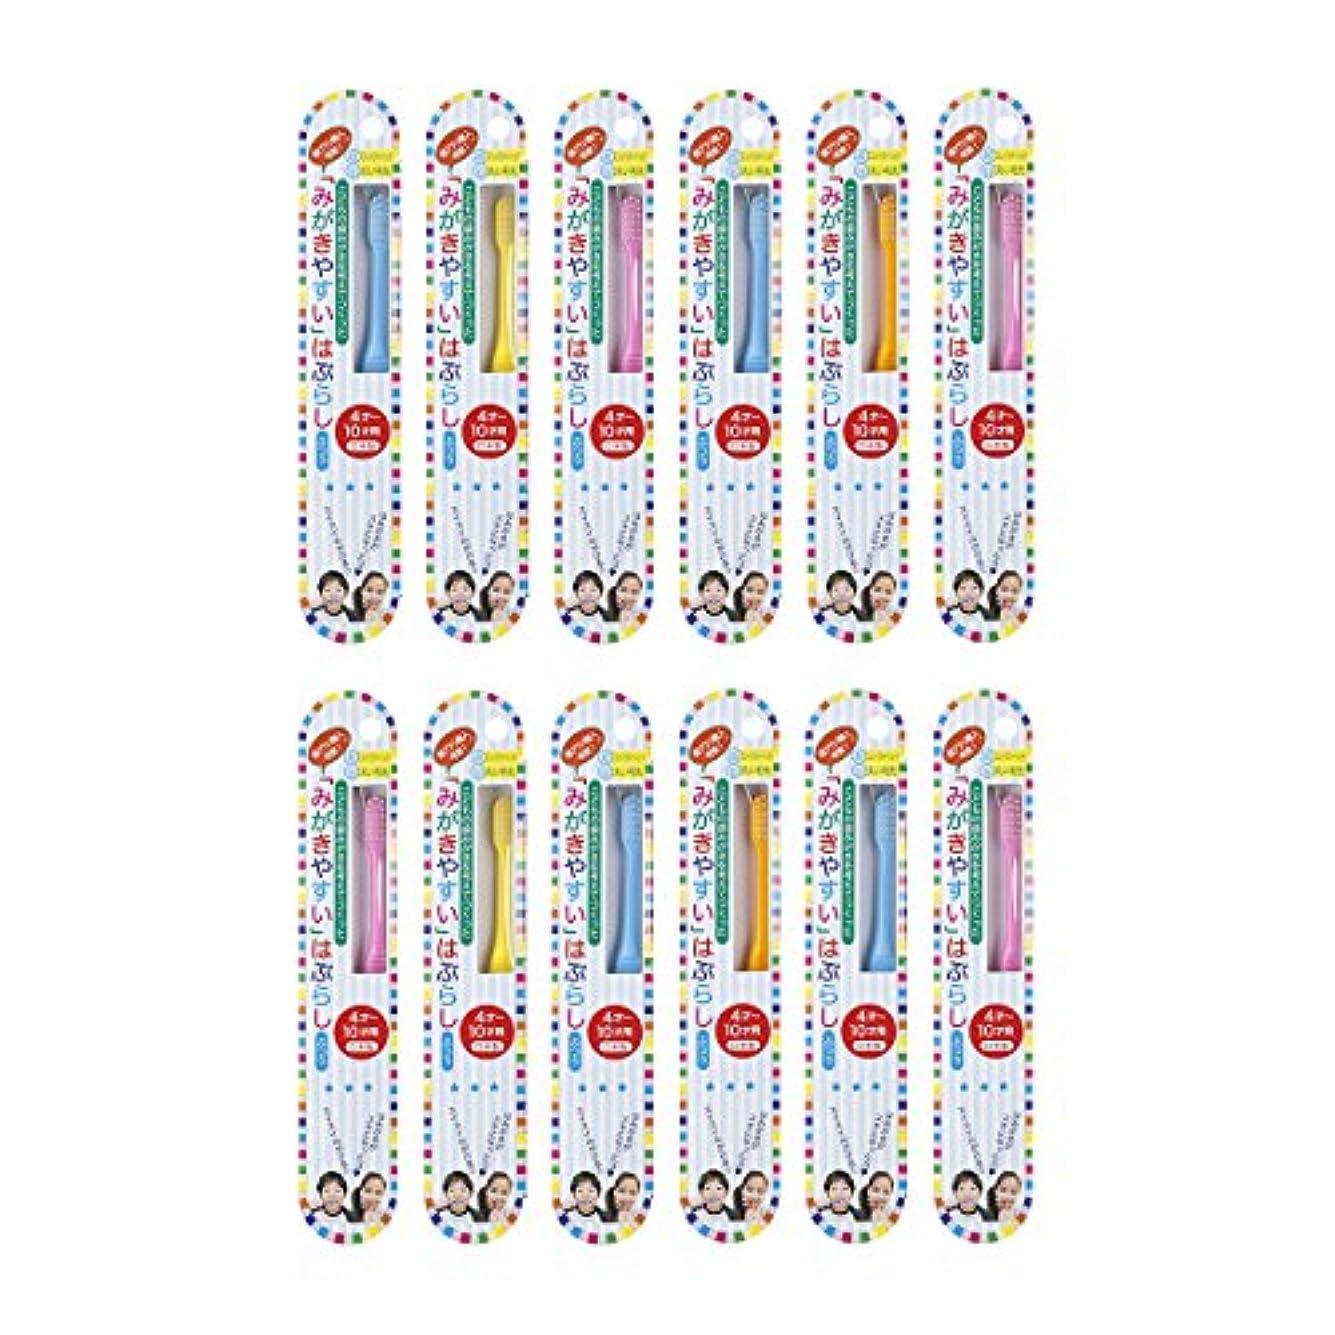 老朽化した砂の順応性歯ブラシ職人Artooth 日本製 田辺重吉 磨きやすい歯ブラシこども用 LT-10 (12本パック)